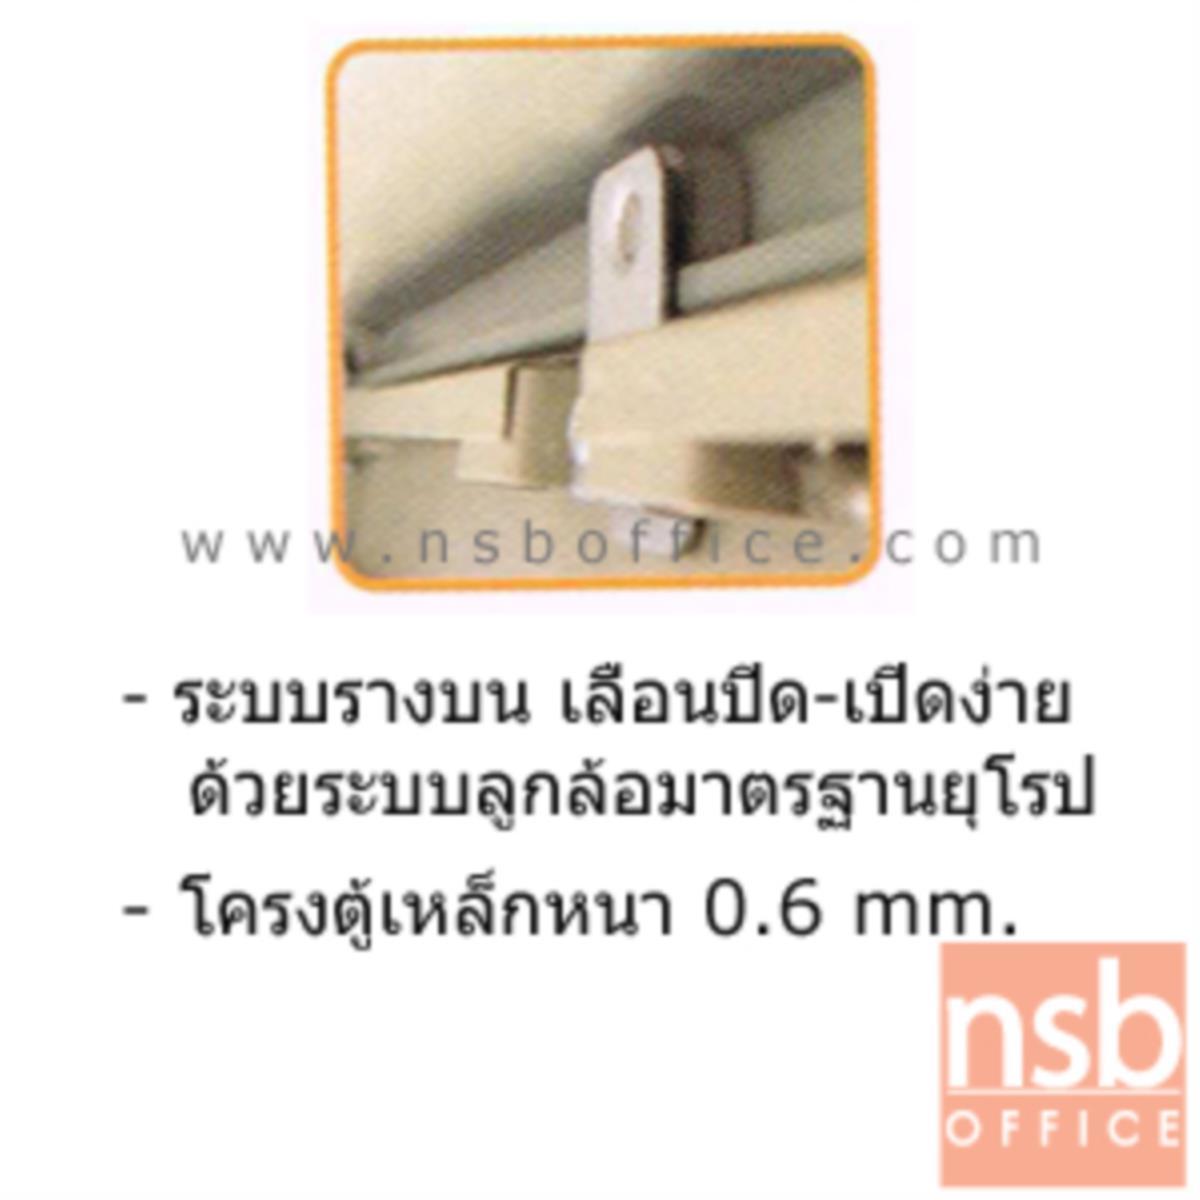 ตู้เหล็กบานเลื่อนกระจก 915W*457D*1830H mm (ลูกล้อล่างมาตรฐานยุโรป)